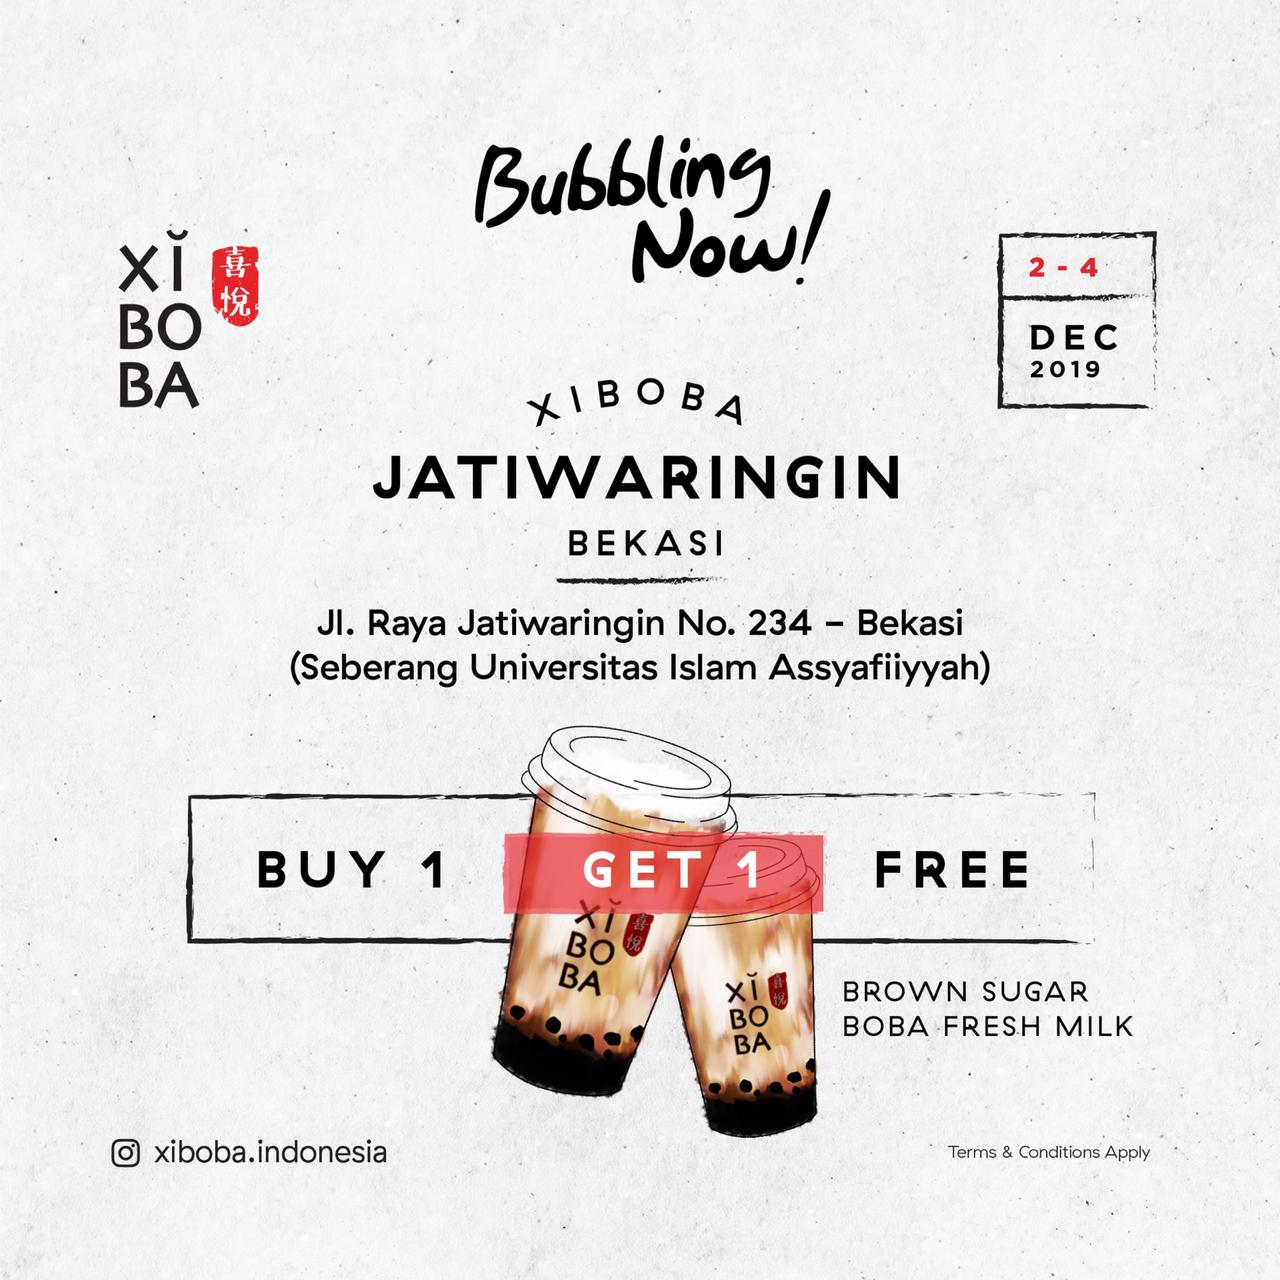 Xi Boba Promo Opening Store, Beli 1 Gratis 1 Di Jatiwaringin!